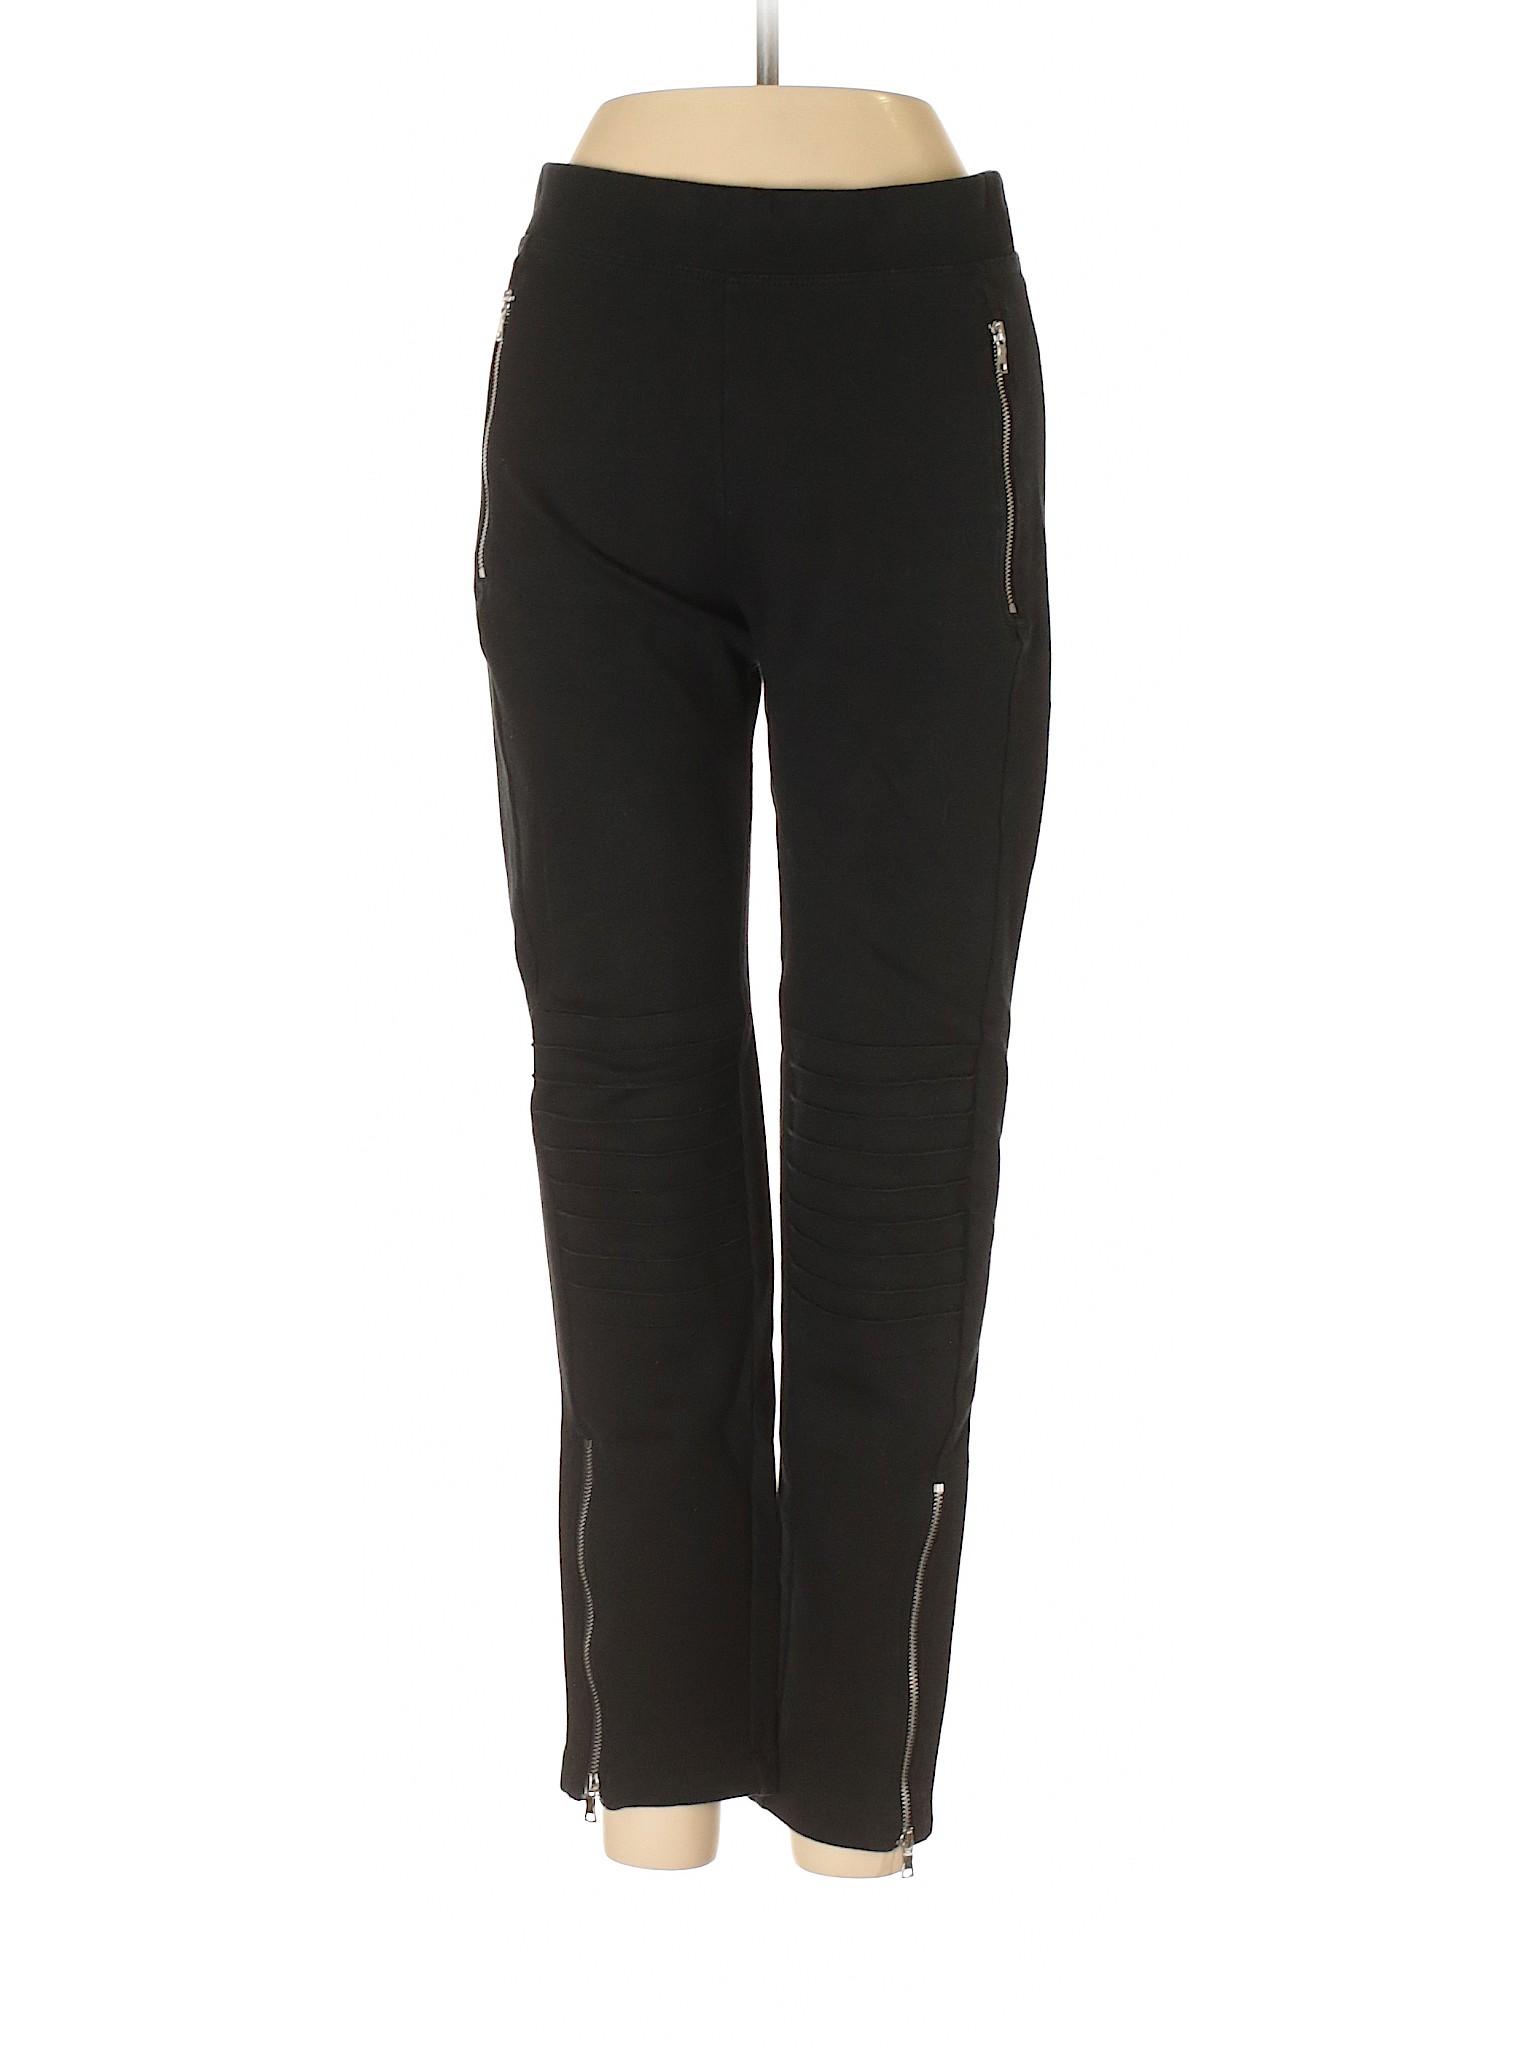 Pants Boutique Casual Boutique leisure leisure Gap Gap qYBq4z